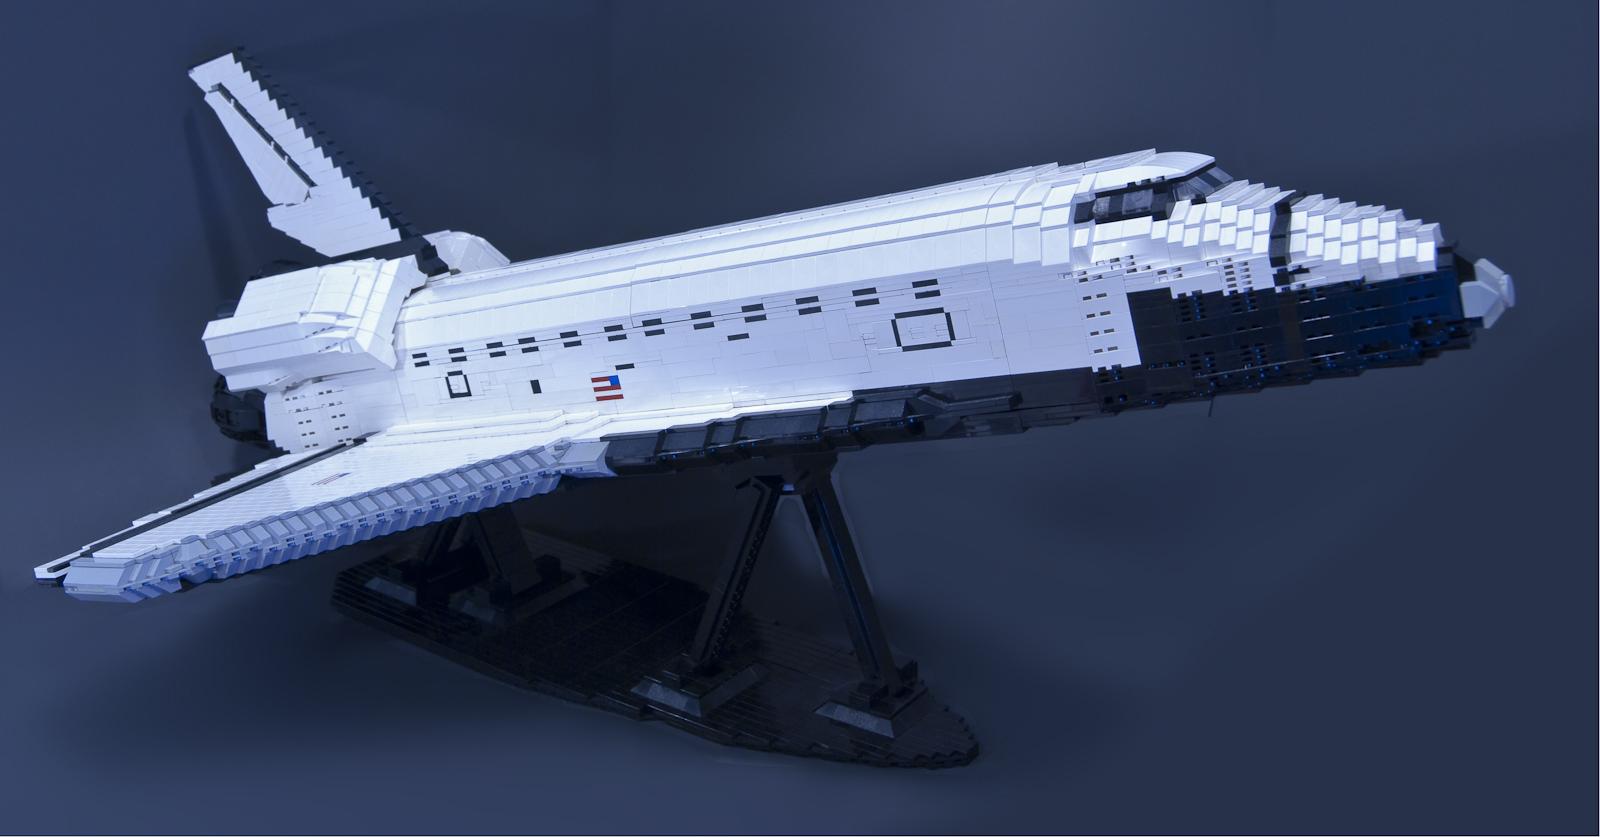 lego space shuttle moc instructions - photo #25